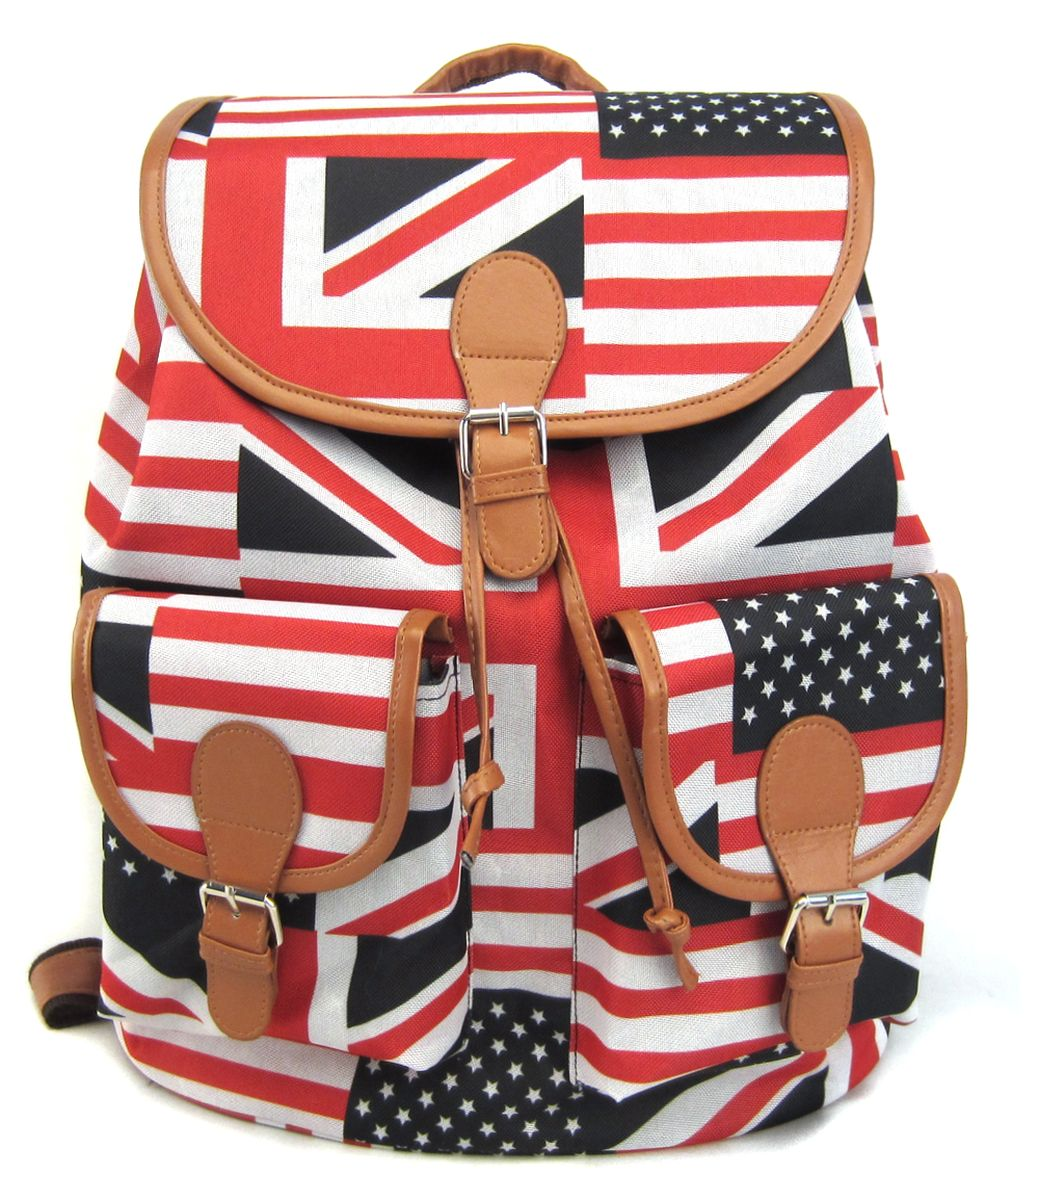 Рюкзак молодежный Creative British Flag, цвет: мультиколор, 23 лRivaCase 7560 blueРюкзак молодежный Creative American Flag - лаконичная и очень удобная модель, в которую поместится все: школьные принадлежности и завтрак, спортивная форма, любимые игрушки, ноутбук. Подвесная система позволяет регулировать лямки и тем самым адаптировать изделие под рост владельца. Мягкие лямки обеспечат комфорт даже при длительном ношении рюкзака. Внутреннее пространство рюкзака вместит всё необходимое. Благодаря текстильной ручке рюкзак можно повесить. Выполнен рюкзак из влагостойкой ткани. Этот рюкзак - точно выделит своего владельца из толпы и привлечет к нему множество заинтересованных взглядов.